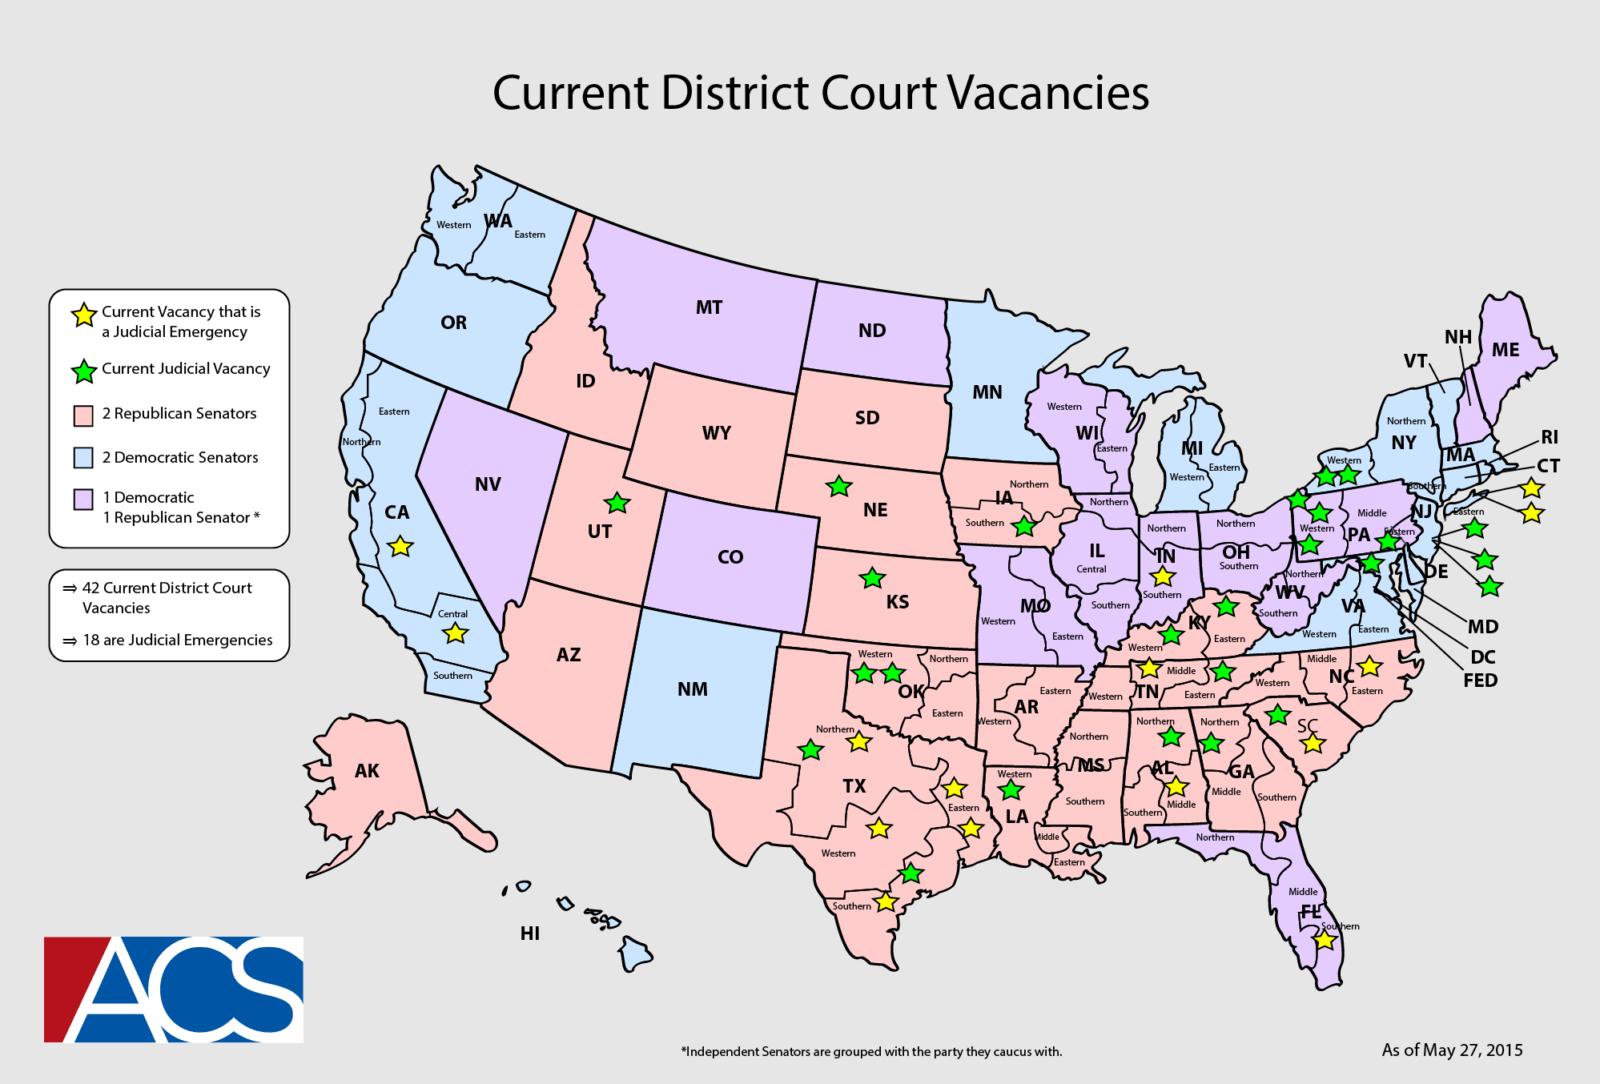 District_Court_Vacancies_5.27.15.png